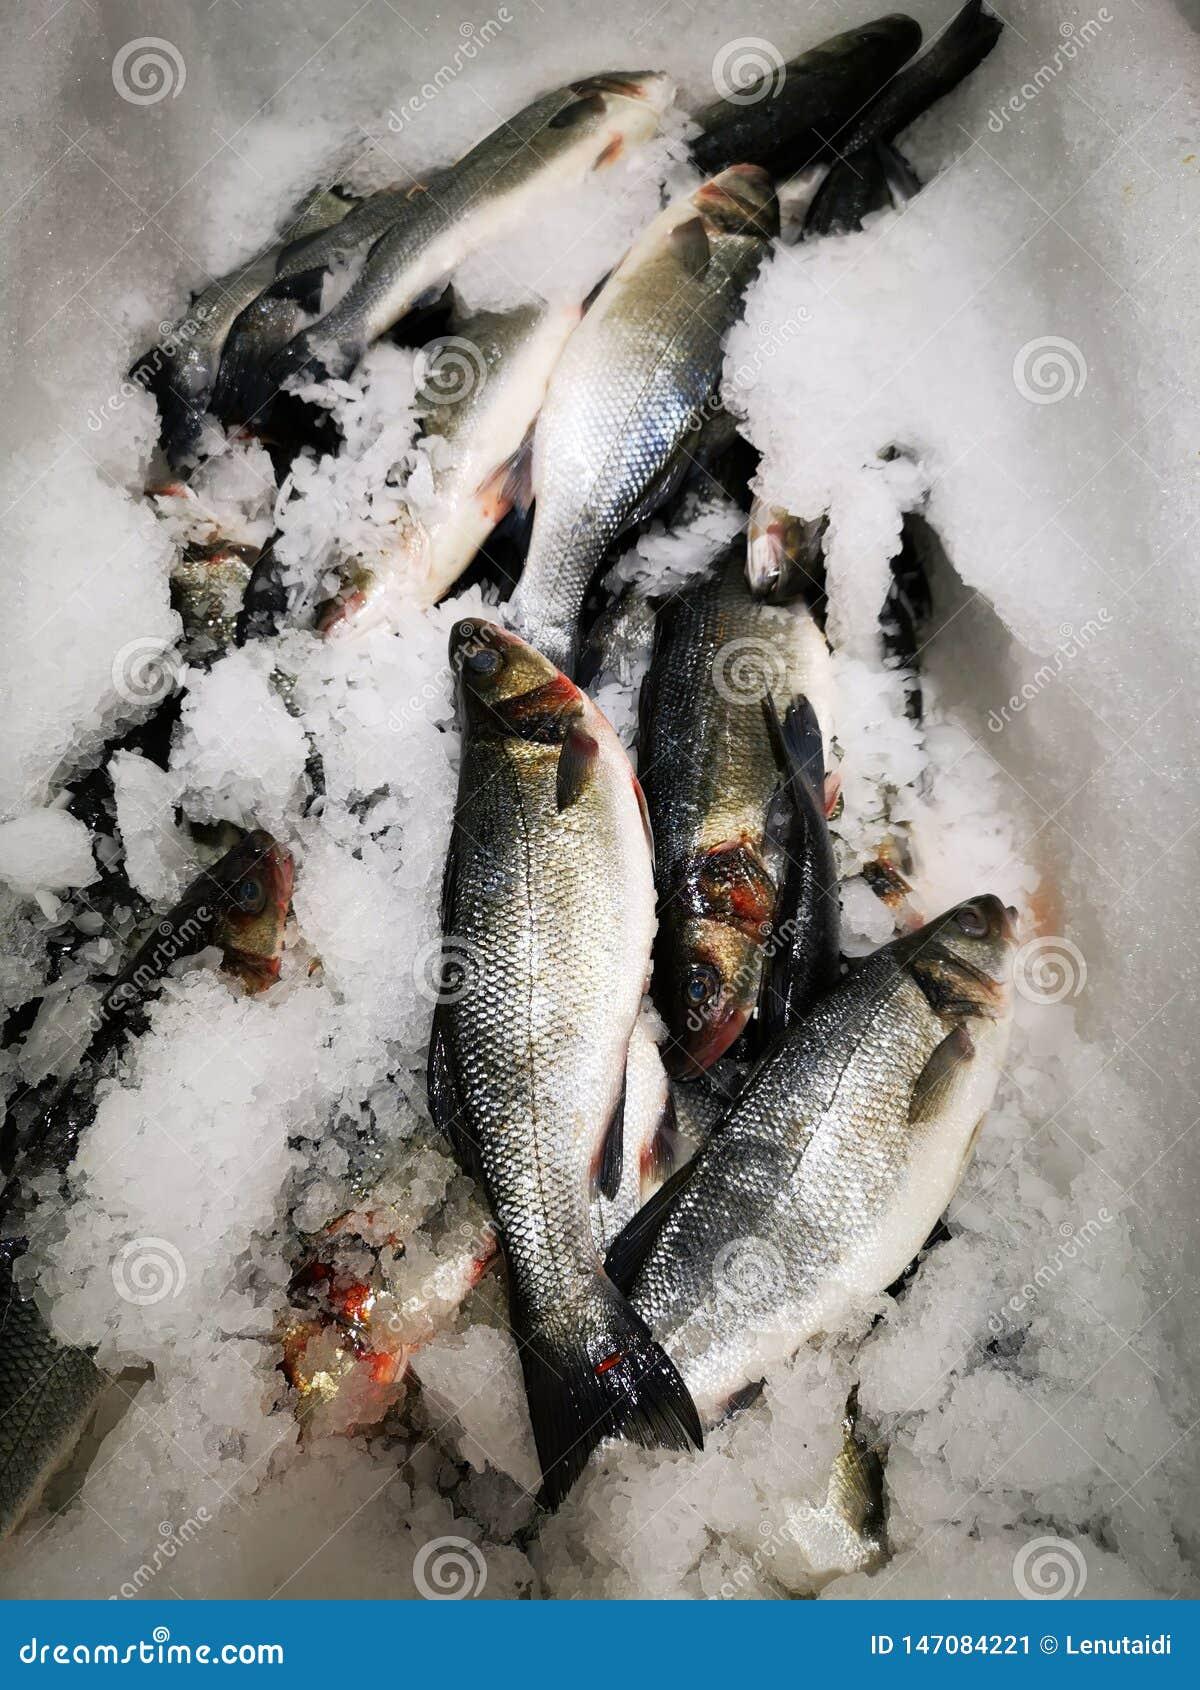 European sea bass on ice